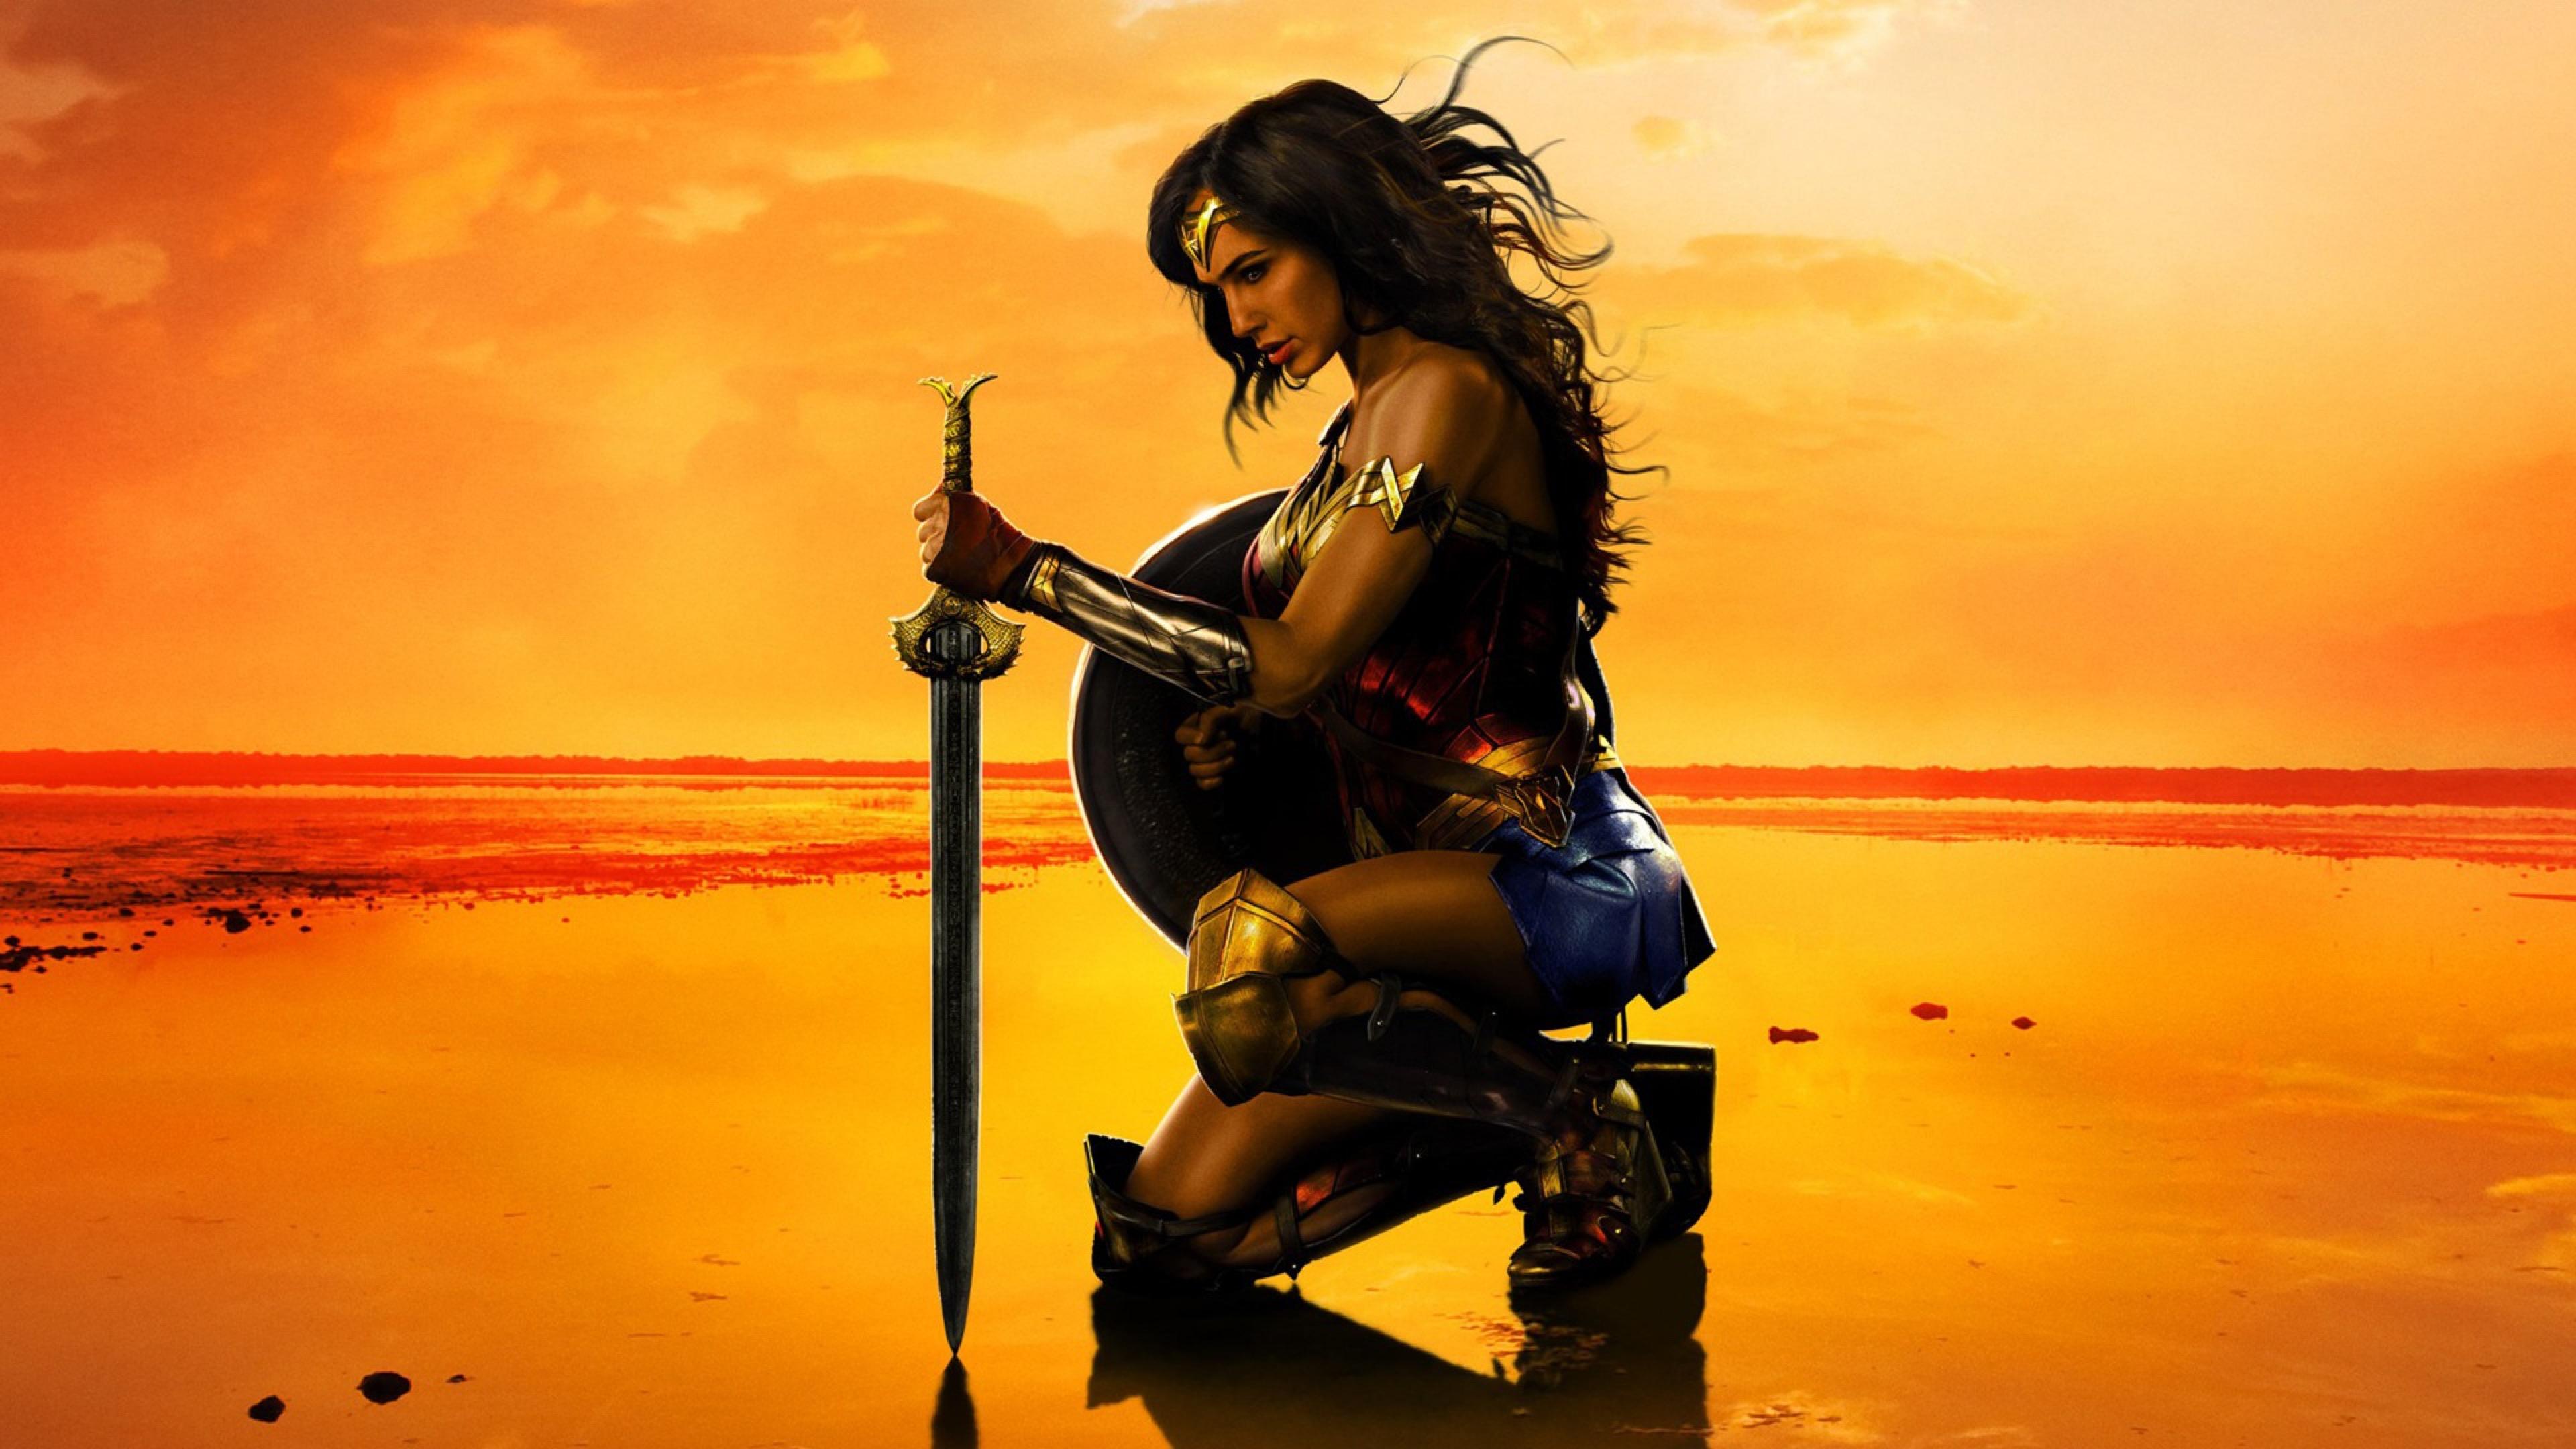 Kiderült, ki alakítja a Wonder Woman 2 nemezisét